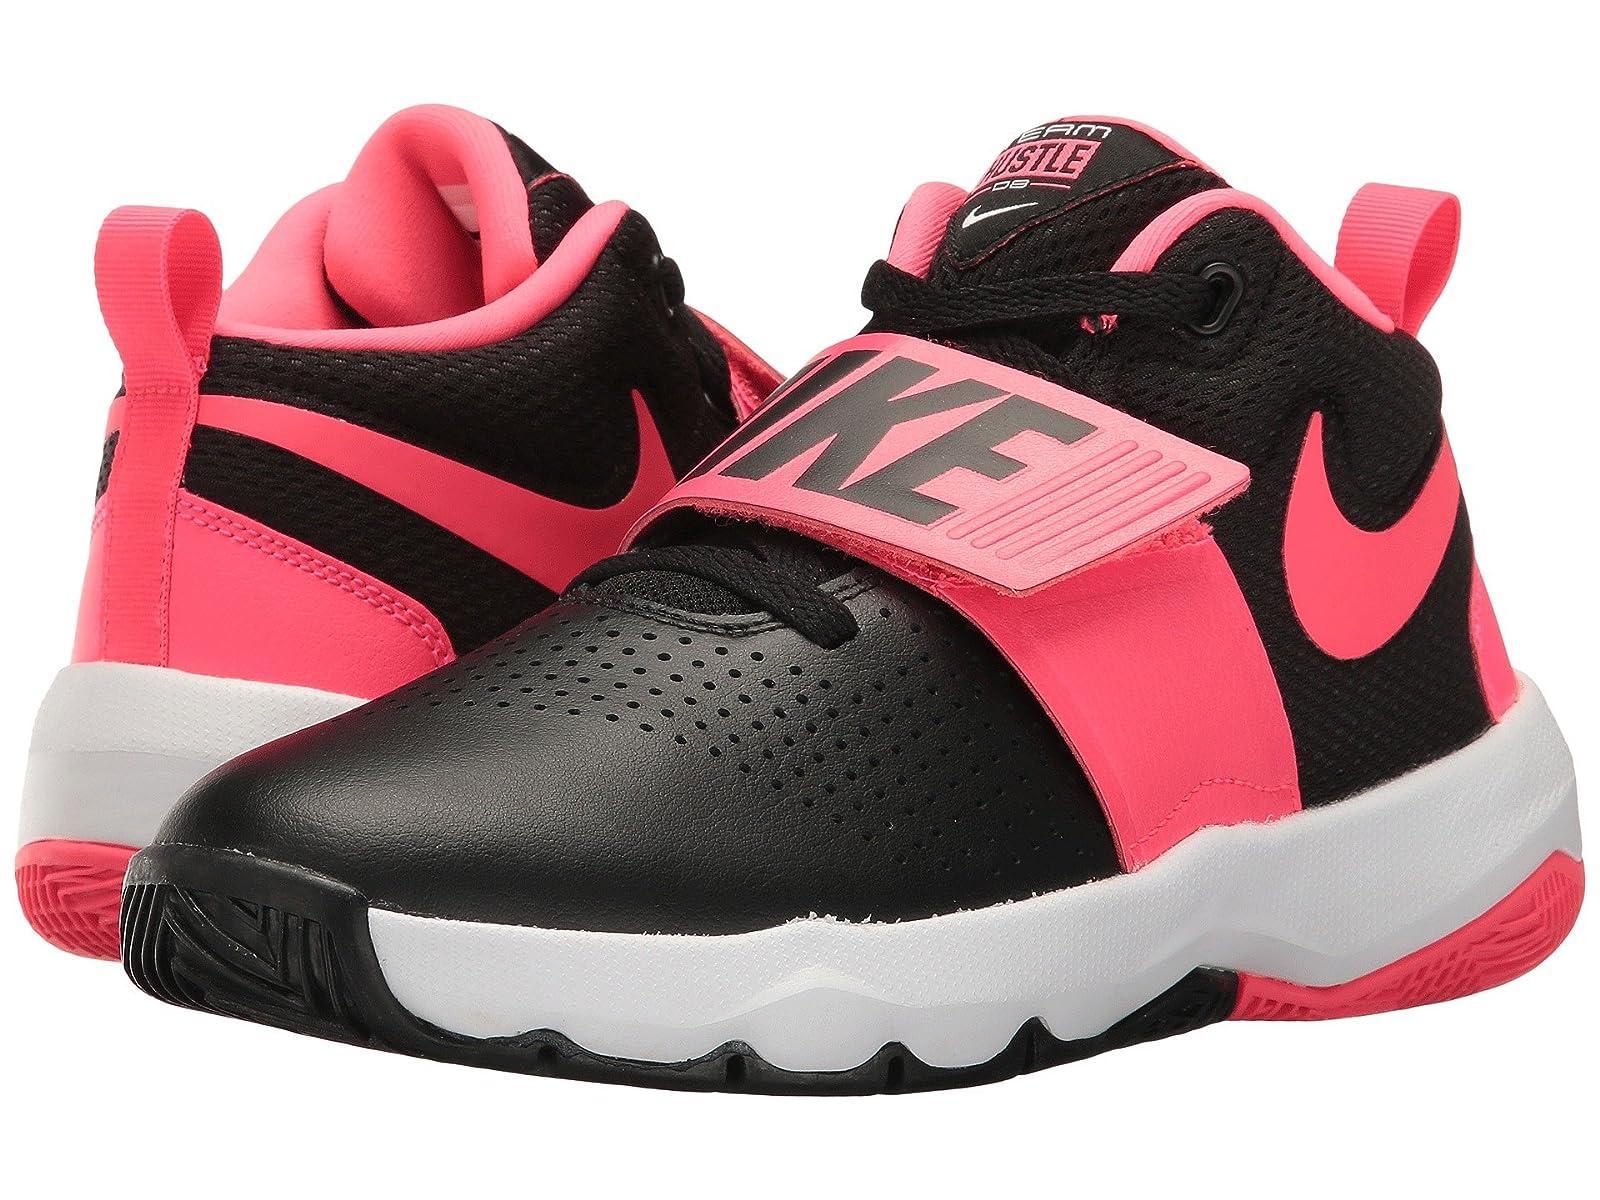 Nike (Big Kids Team Hustle D8 (Big Nike Kid):Shopkeeper:Gentlemen/Ladies 70e46e